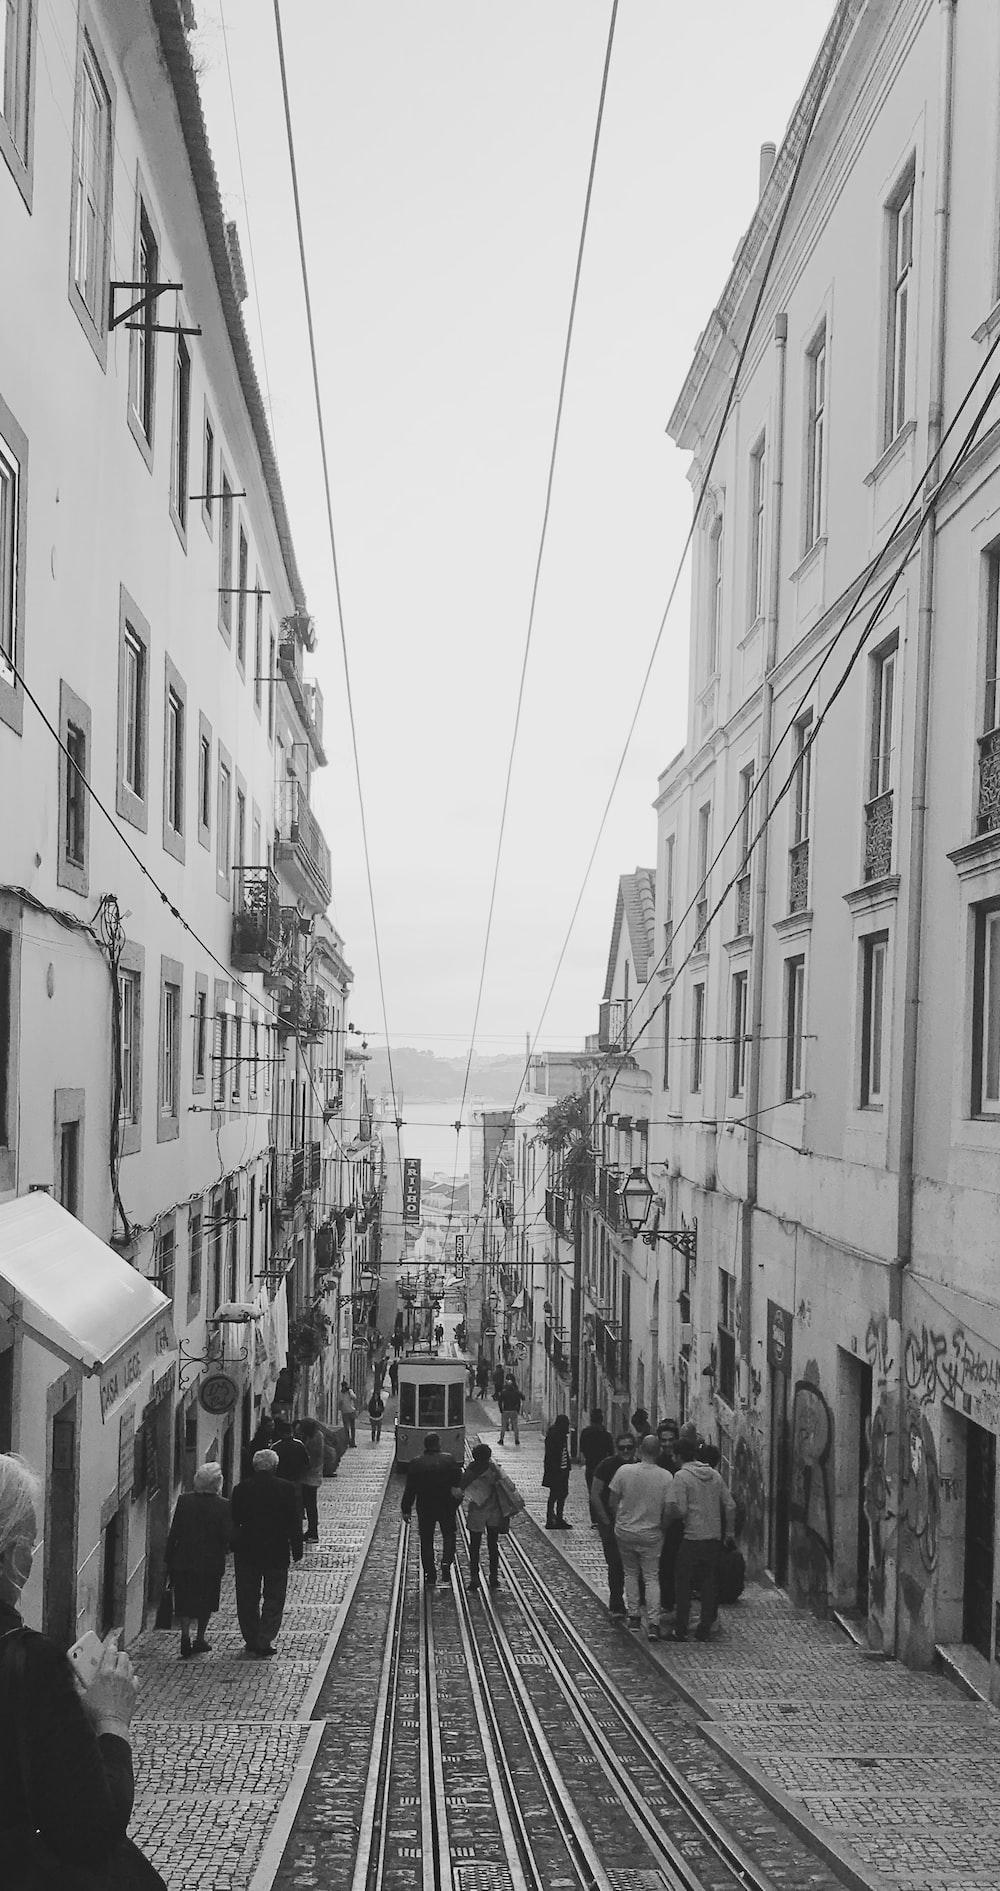 grayscale photo of people walking between buildings